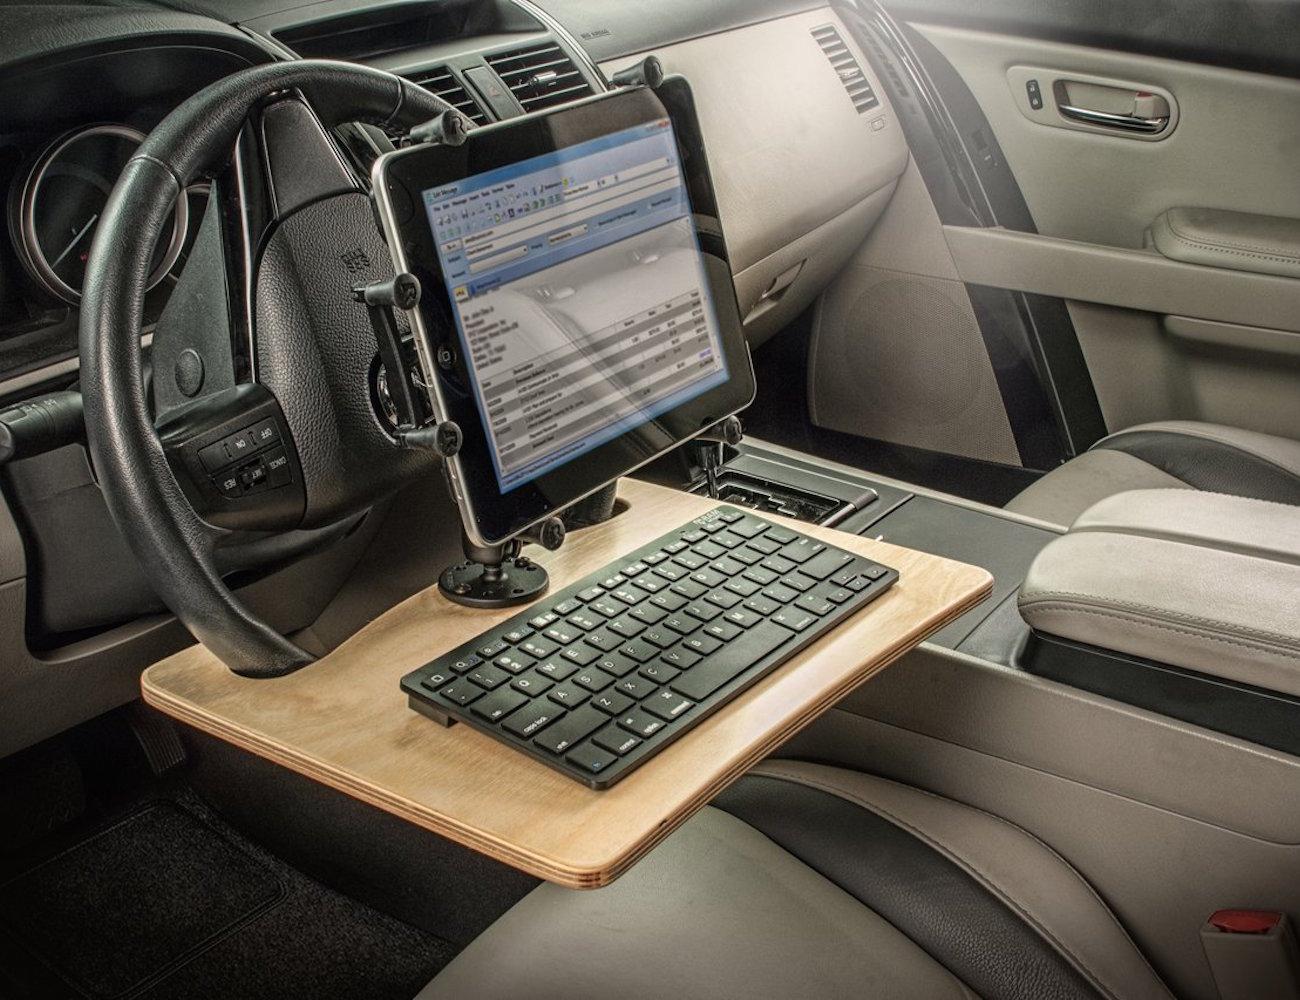 Autoexec wheelmate elite bureau amovible pour volant mygadget